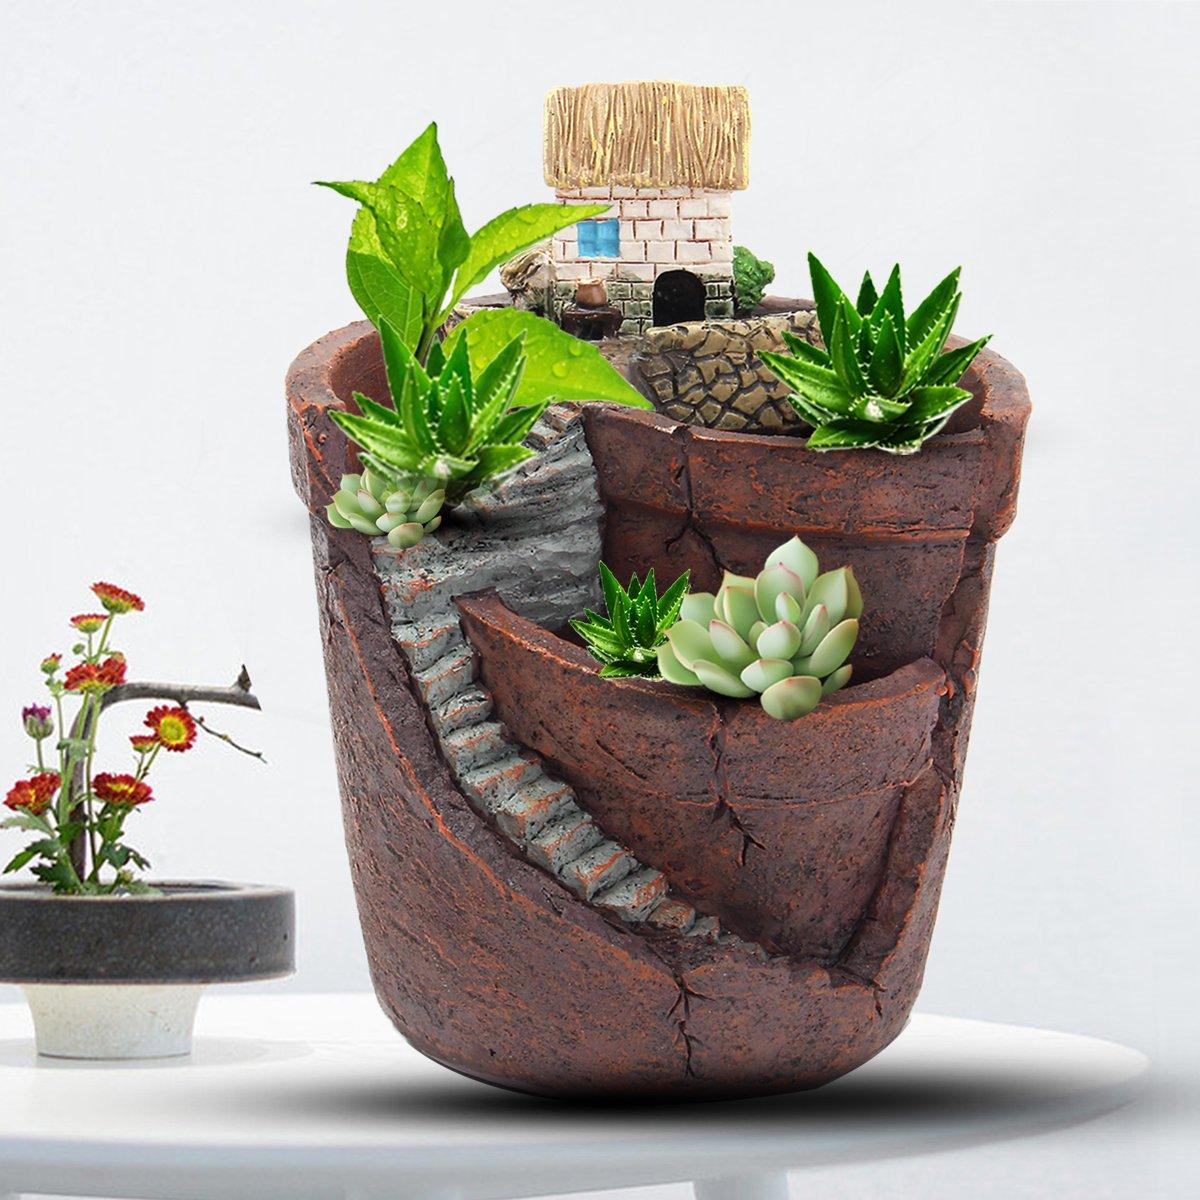 KINGSO Micro Landscape Ornament Plant Pot Planter Miniature Dollhouse for Fairy House Succulent Plant DIY Home Garden Decor 3.9''x4.7''